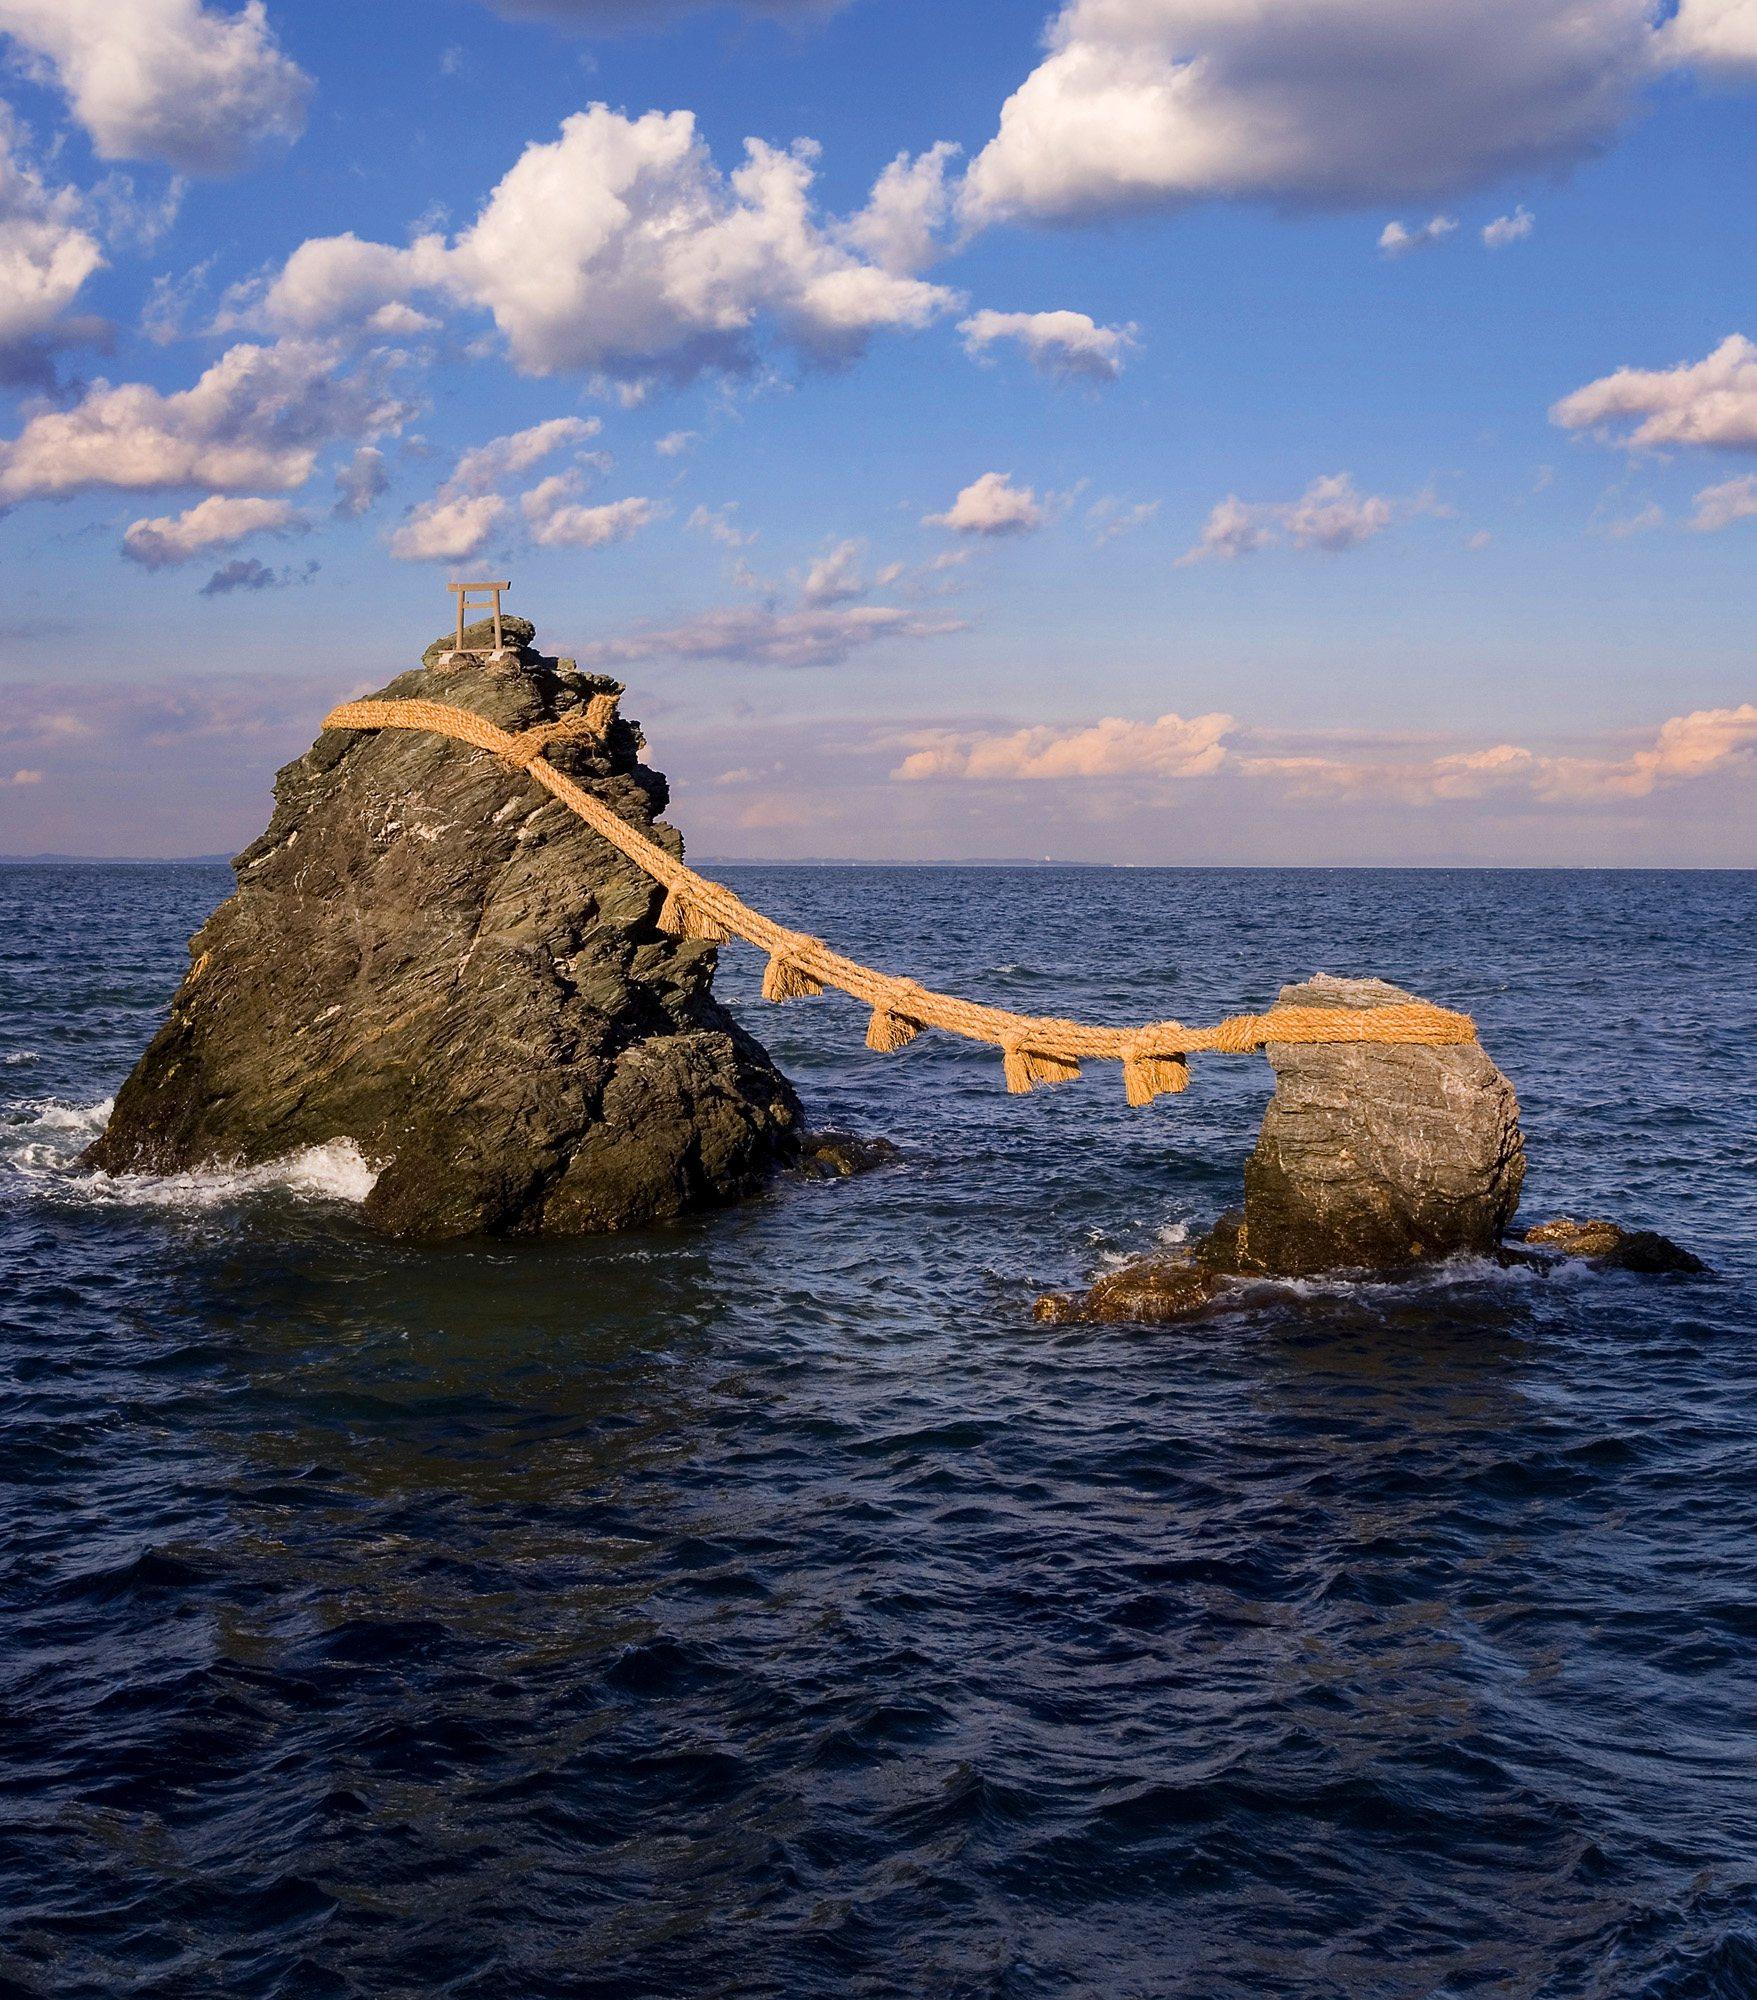 JTB-C799-001074N. Las rocas casadas